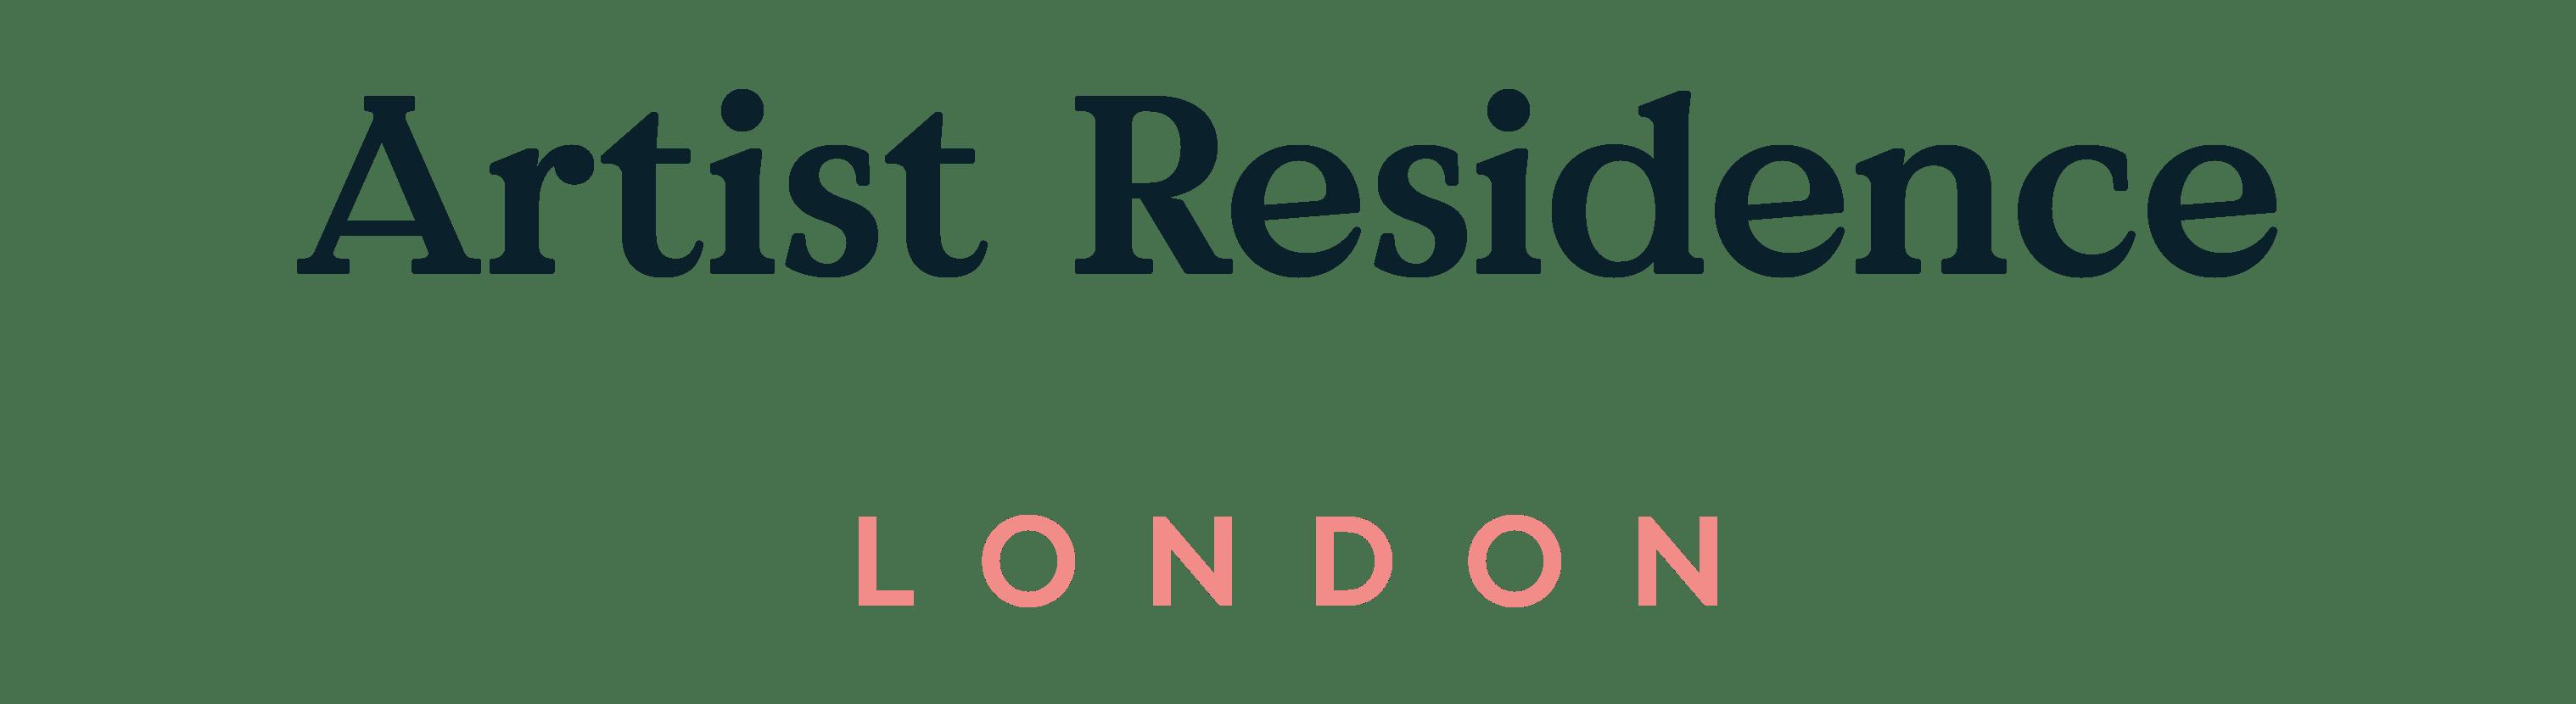 Artist Residence Logo - Artist Residence London